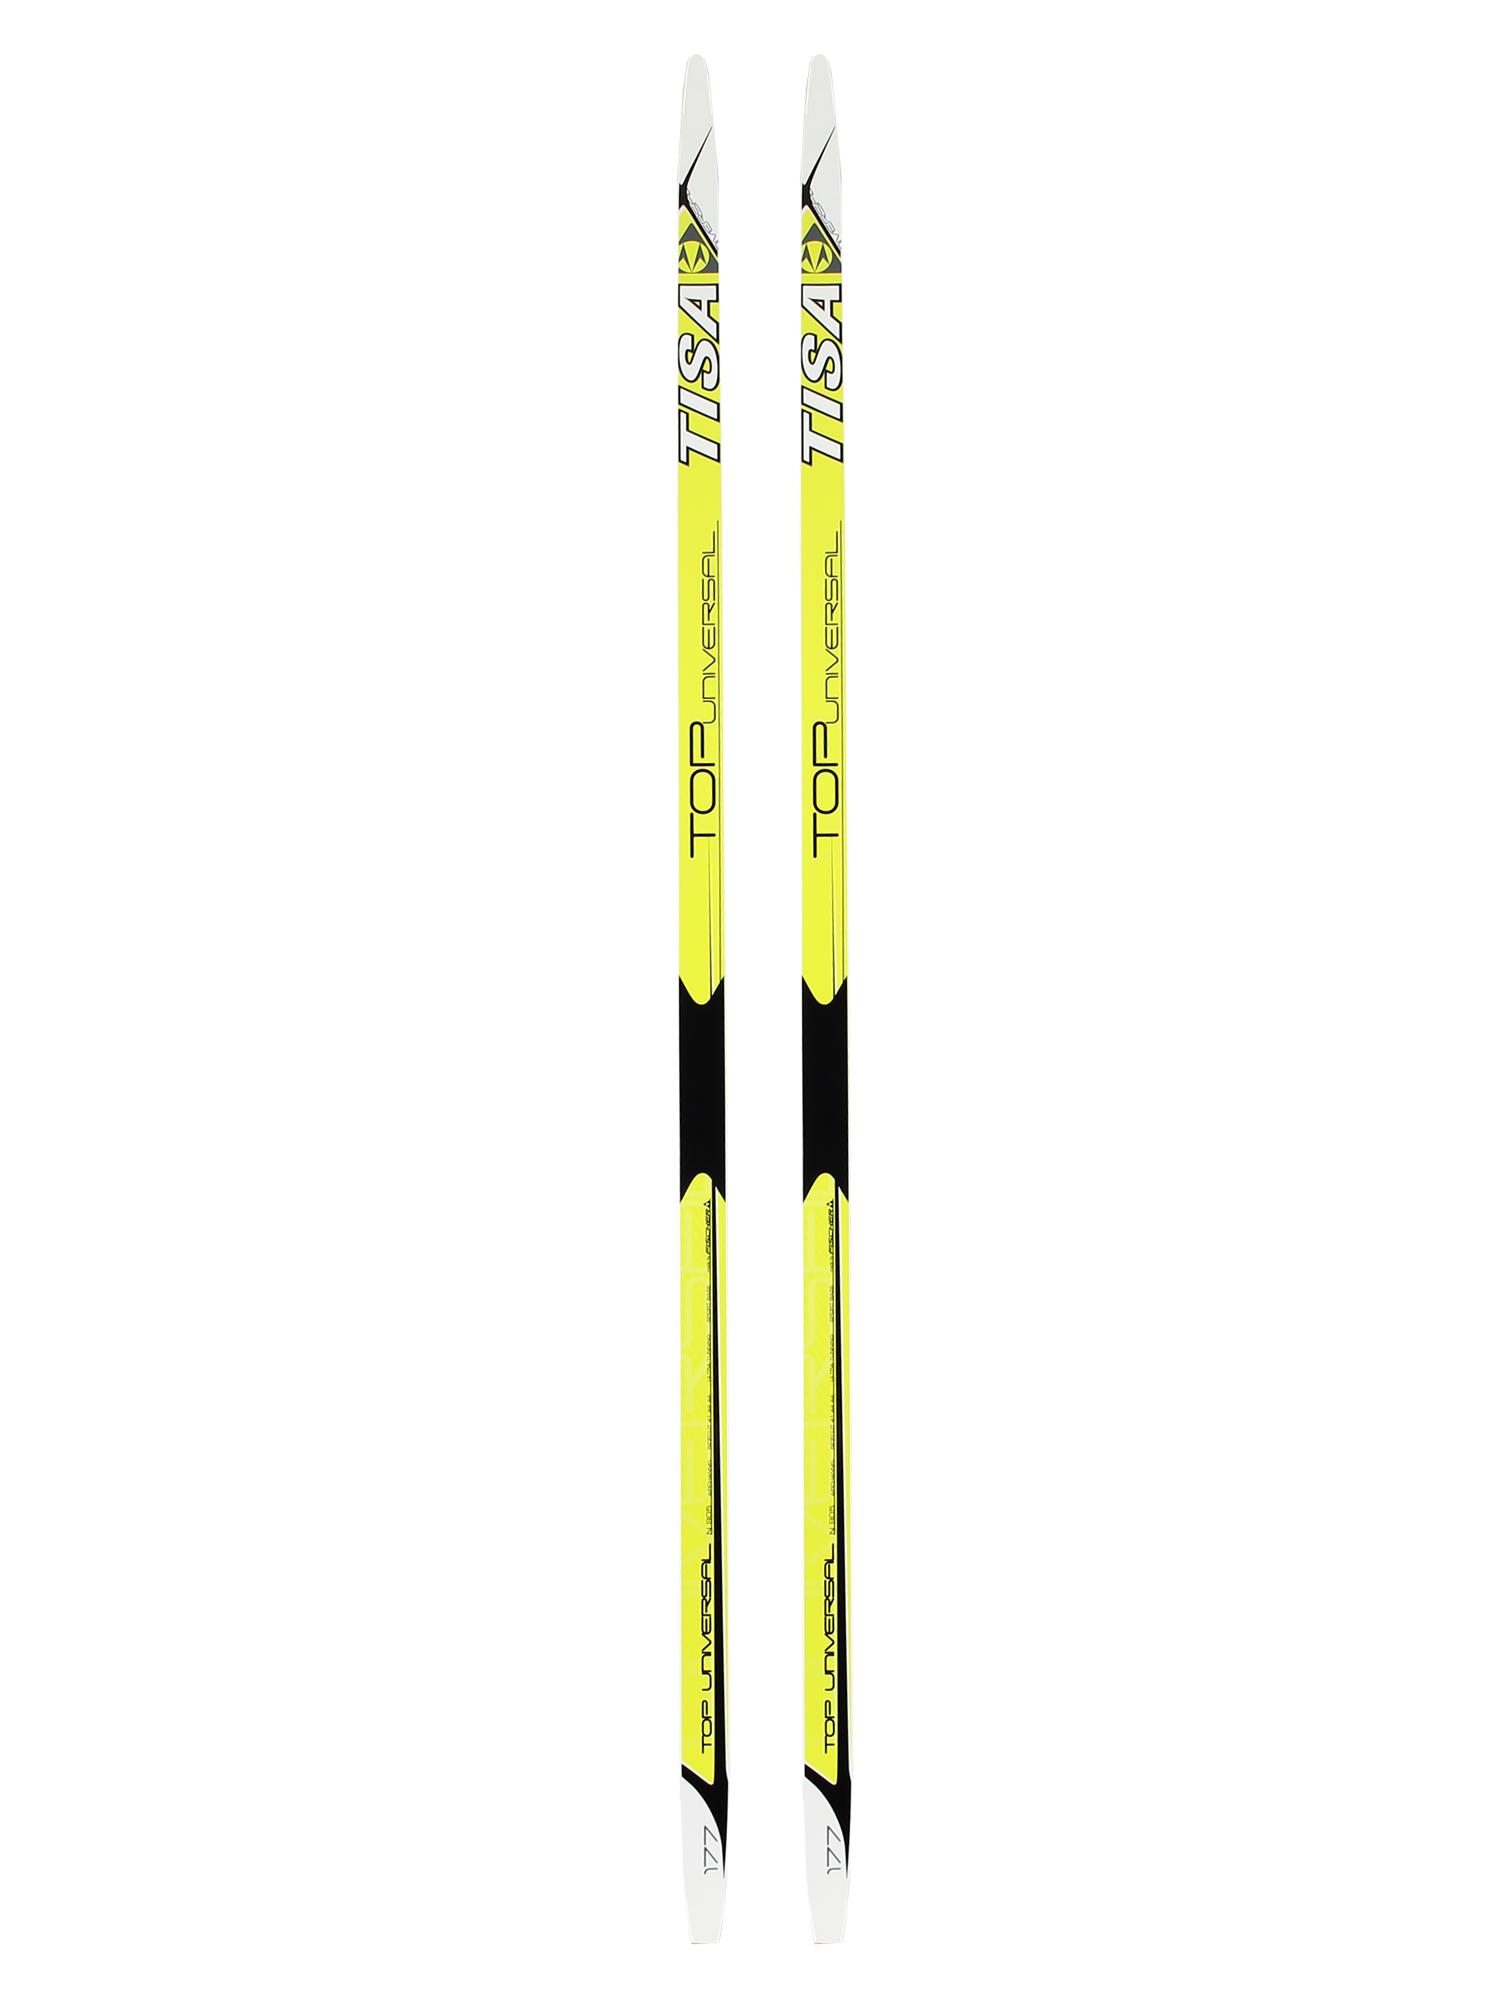 Лыжи - Сеть спортивных магазинов Чемпион 9625ea86a9b